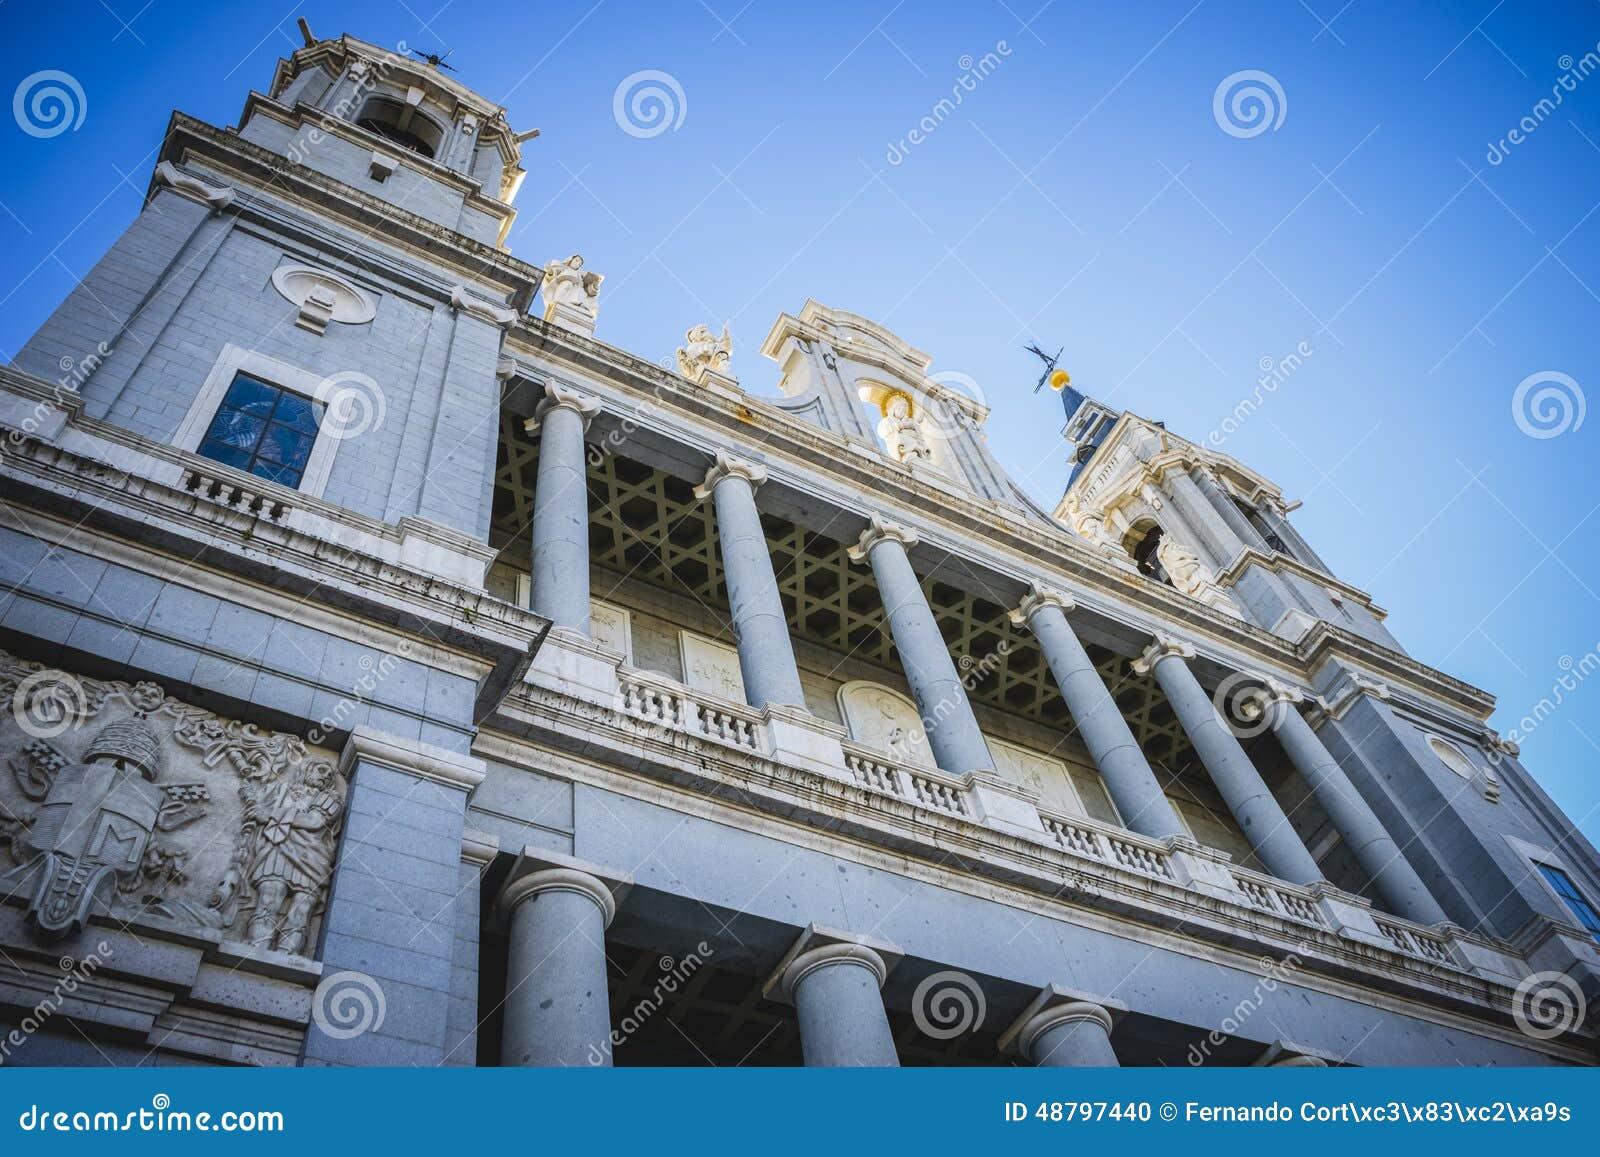 Главный фасад, собор Almudena, расположенный в зоне Habs